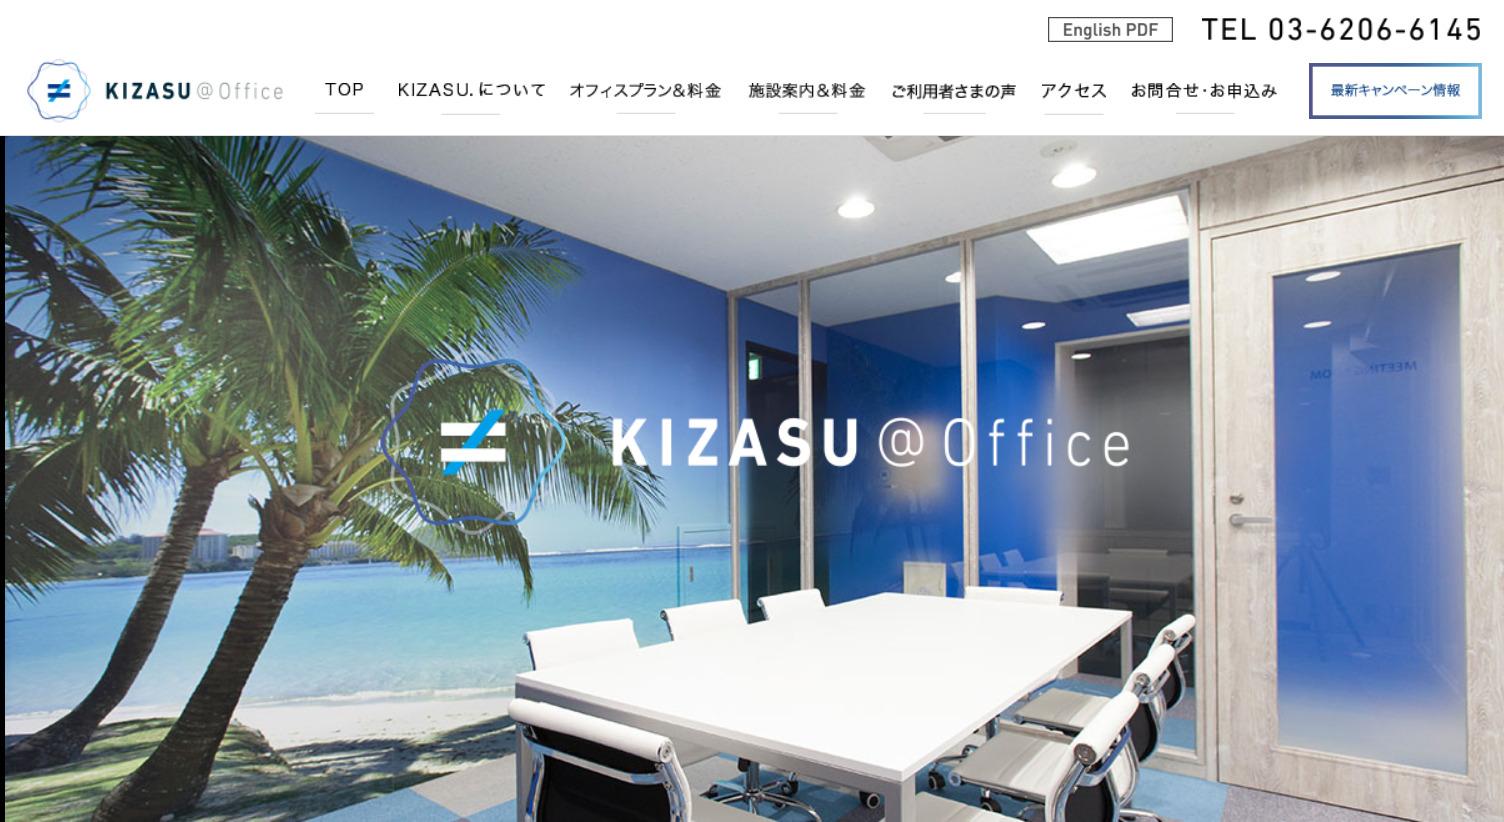 シェアオフィス KIZASU